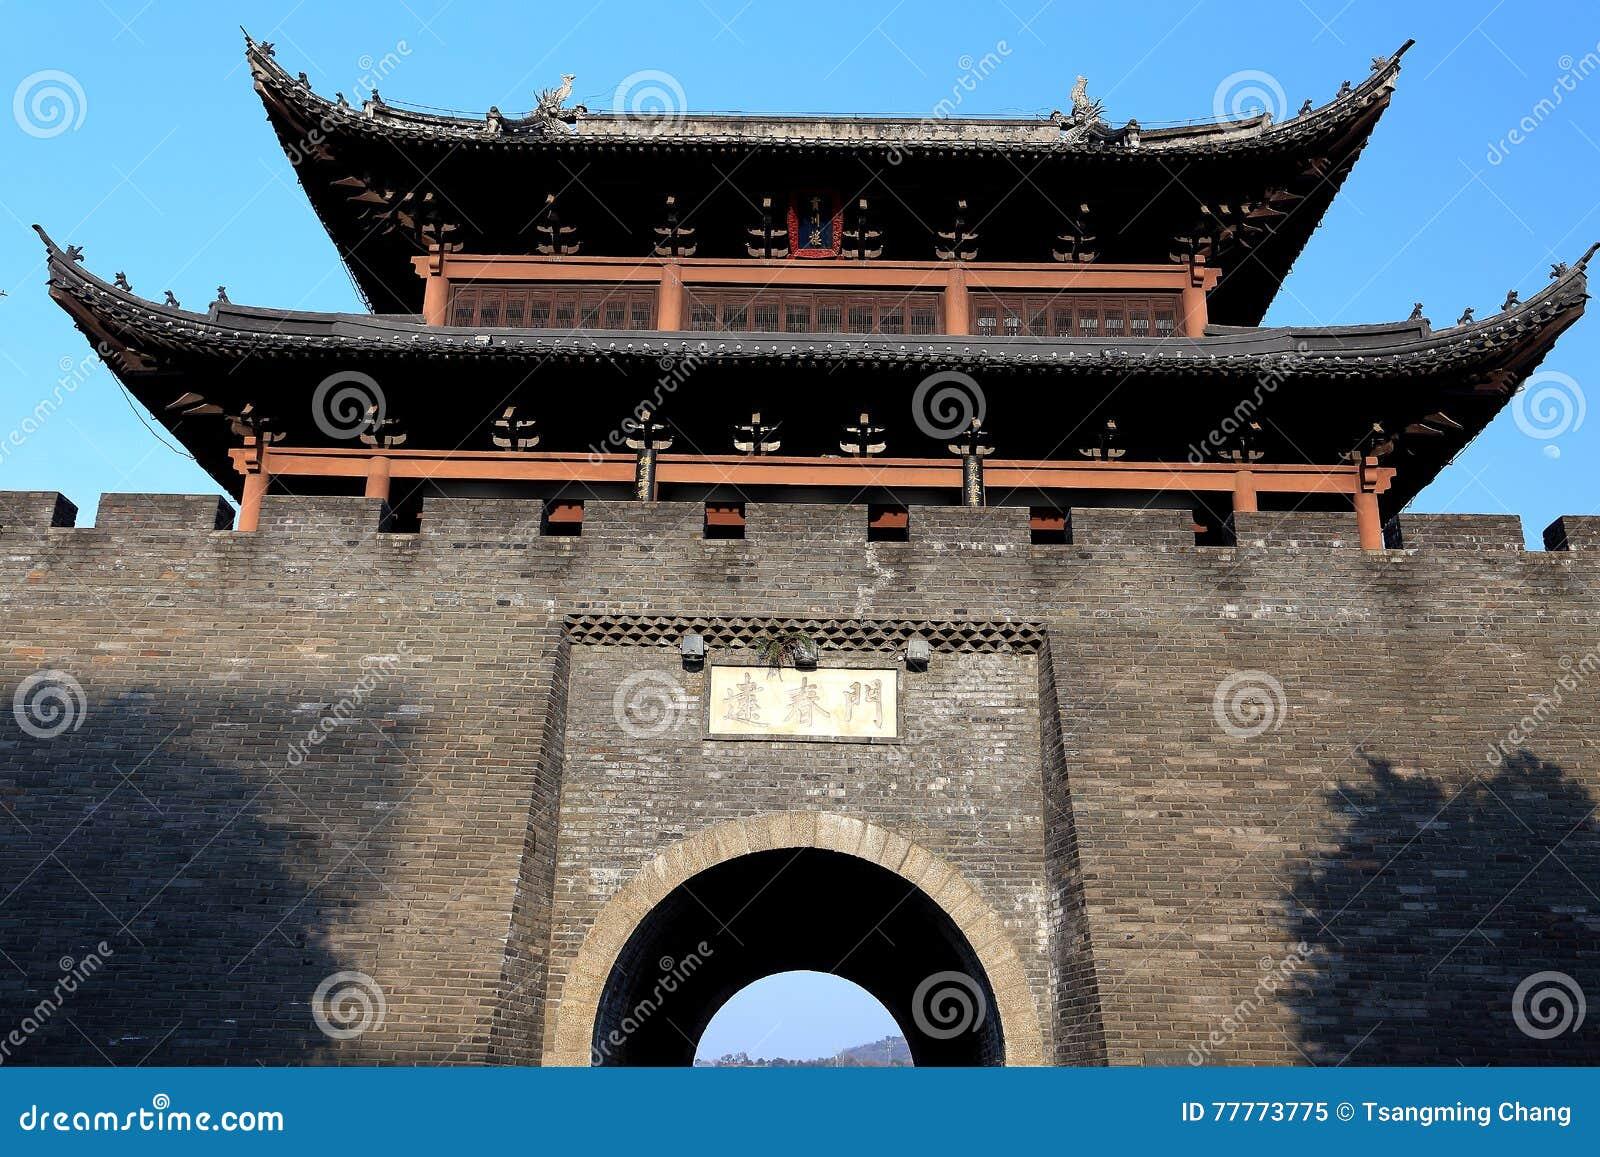 Ganzhou City